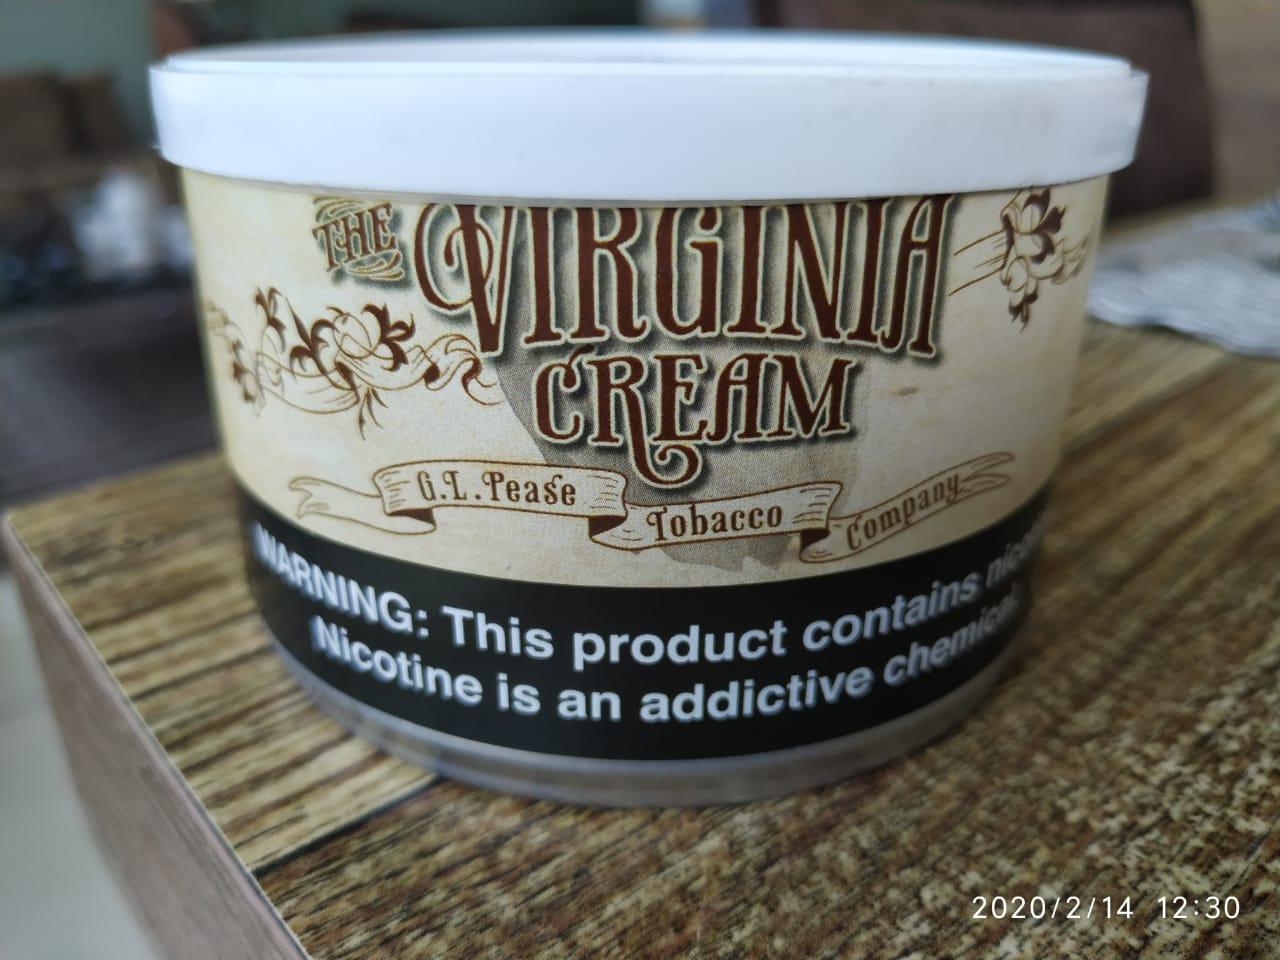 G. L.  Pease - Virginia Cream